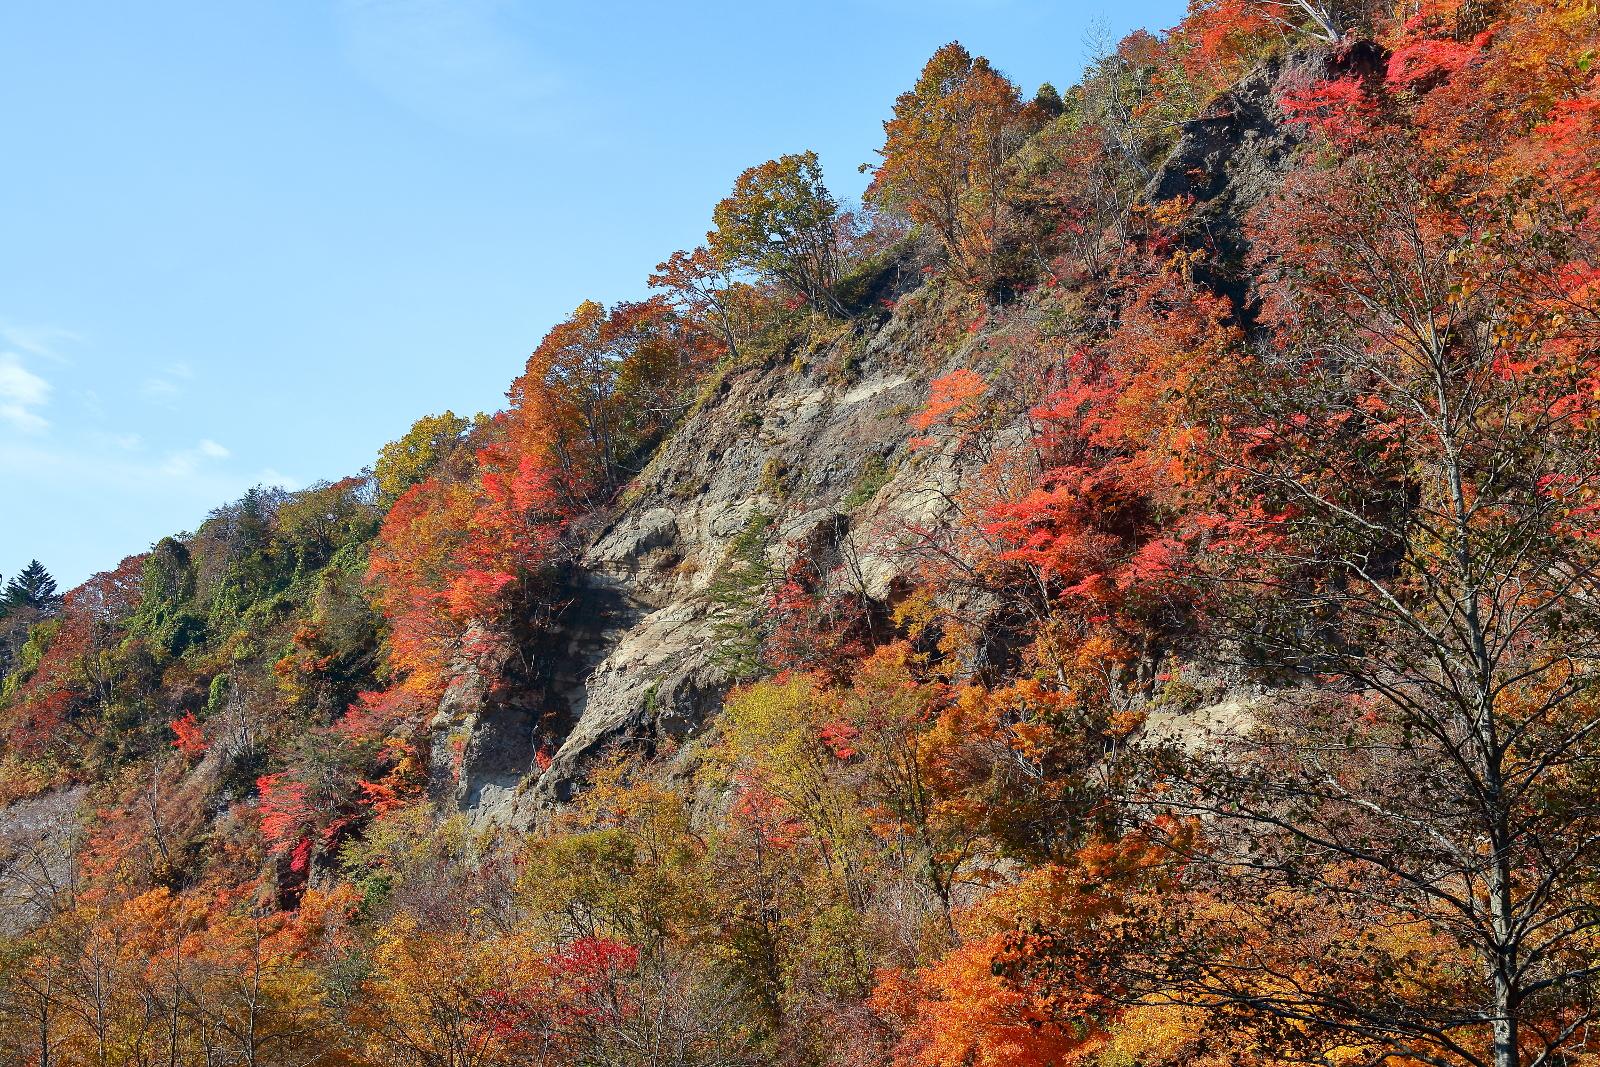 秋に巡る森町の景勝地「鳥崎八景」渓谷、ダム、クライマックスは大滝!